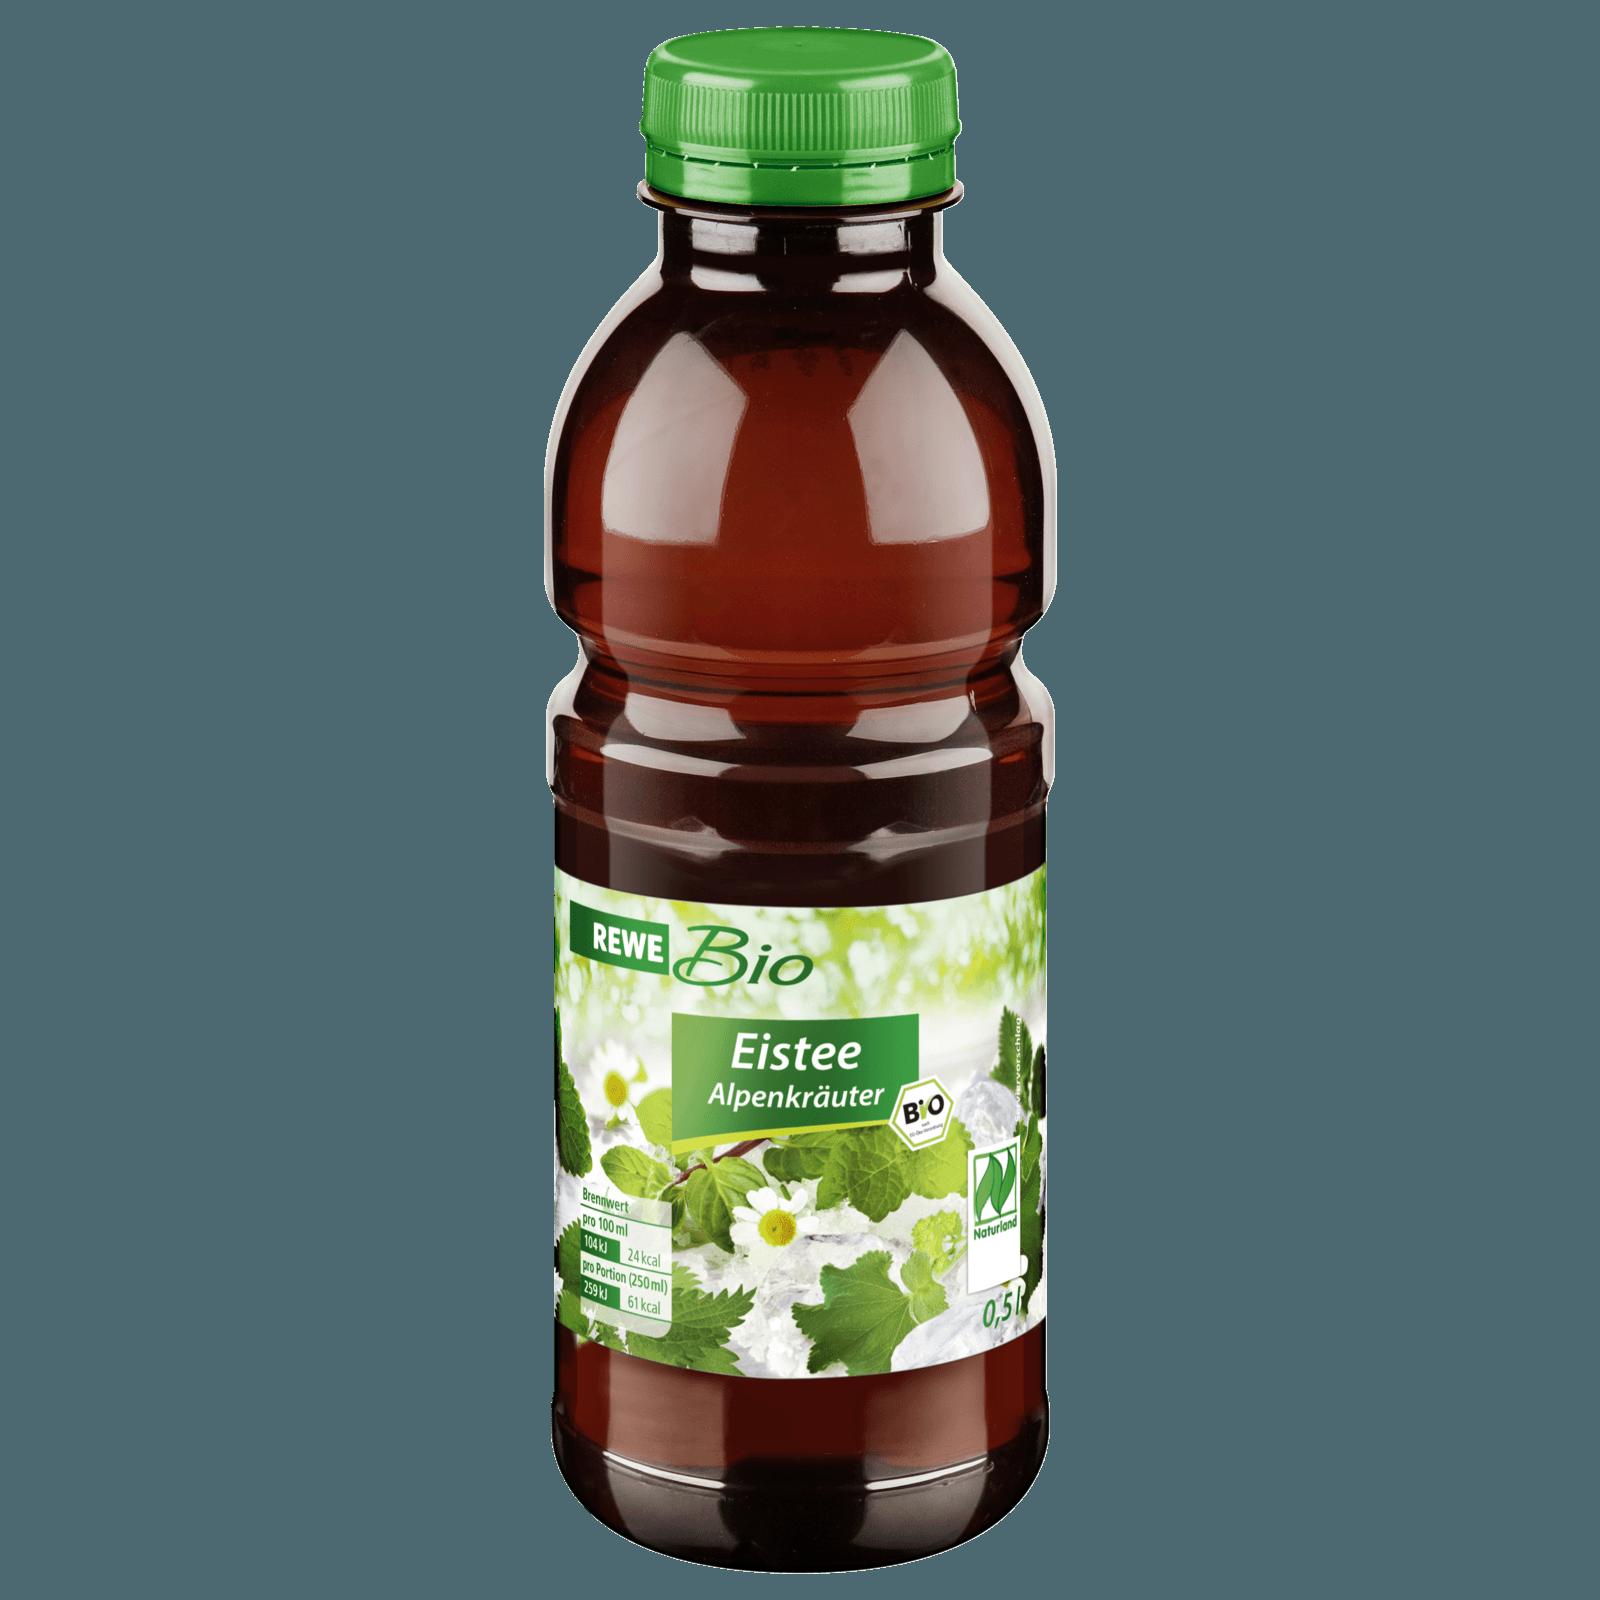 REWE Bio Eistee Alpenkräuter 0,5l